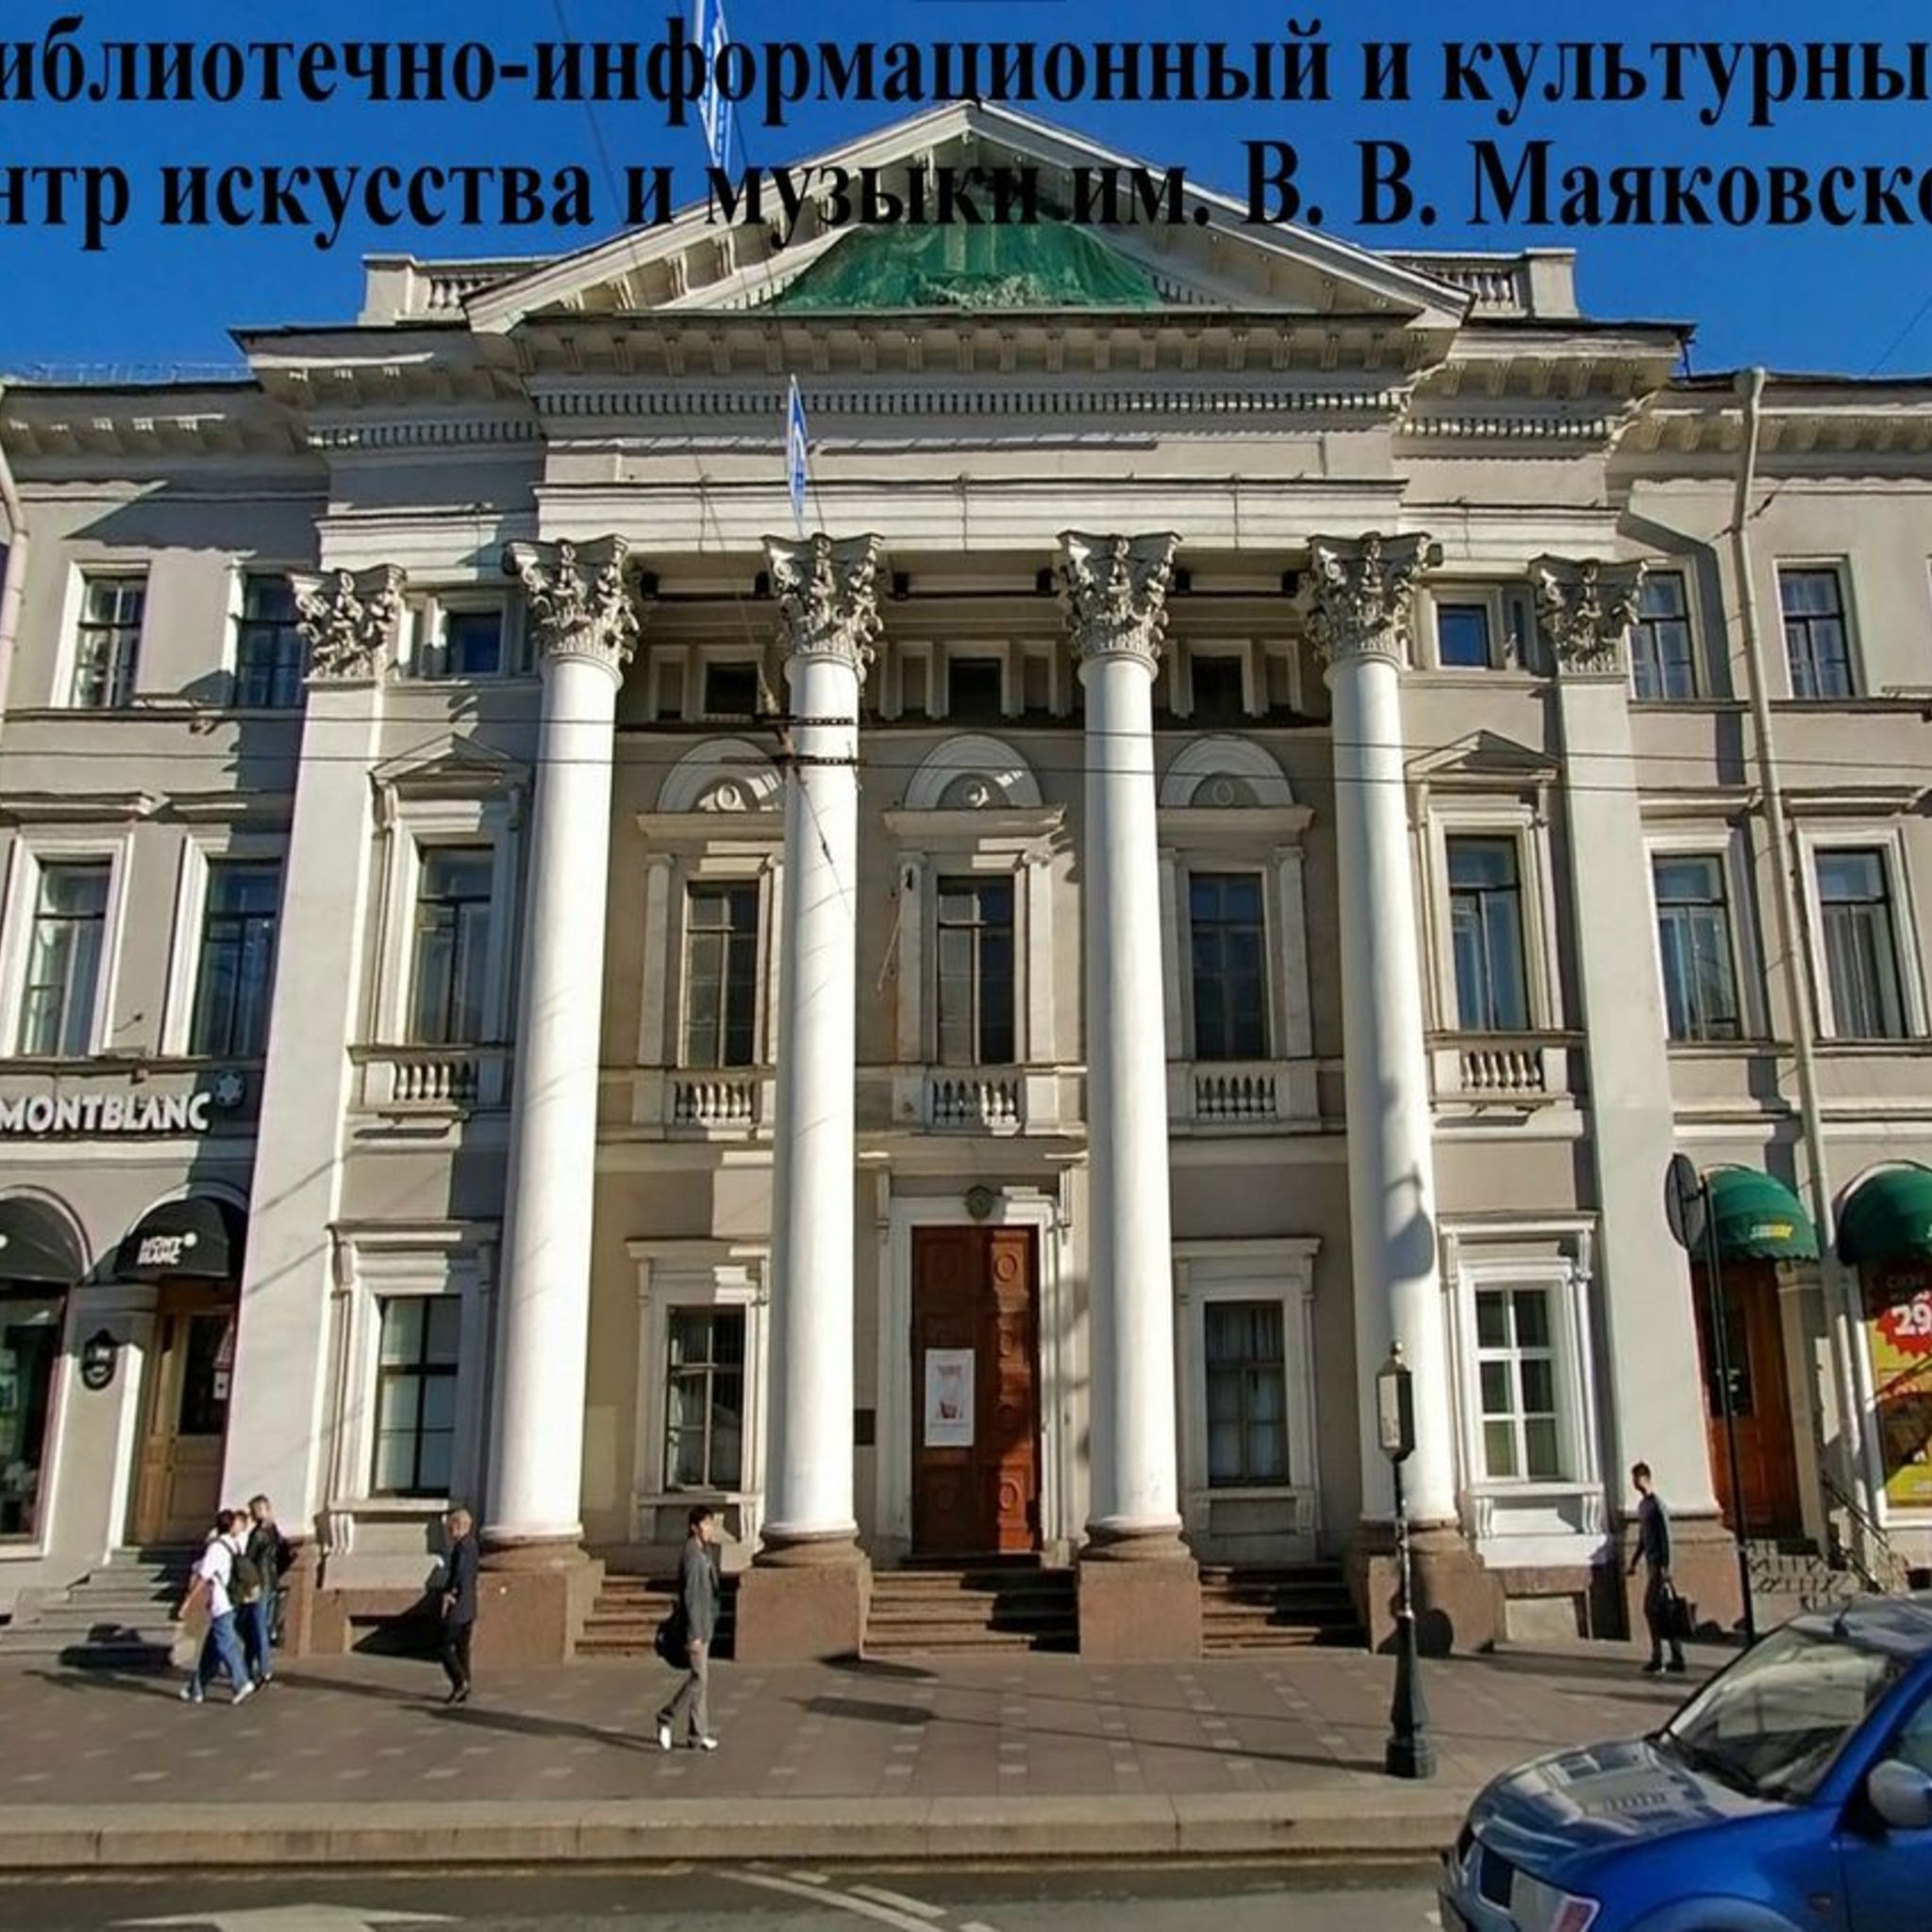 Библиотечно-информационный и культурный центр искусства и музыки им. В. В. Маяковского